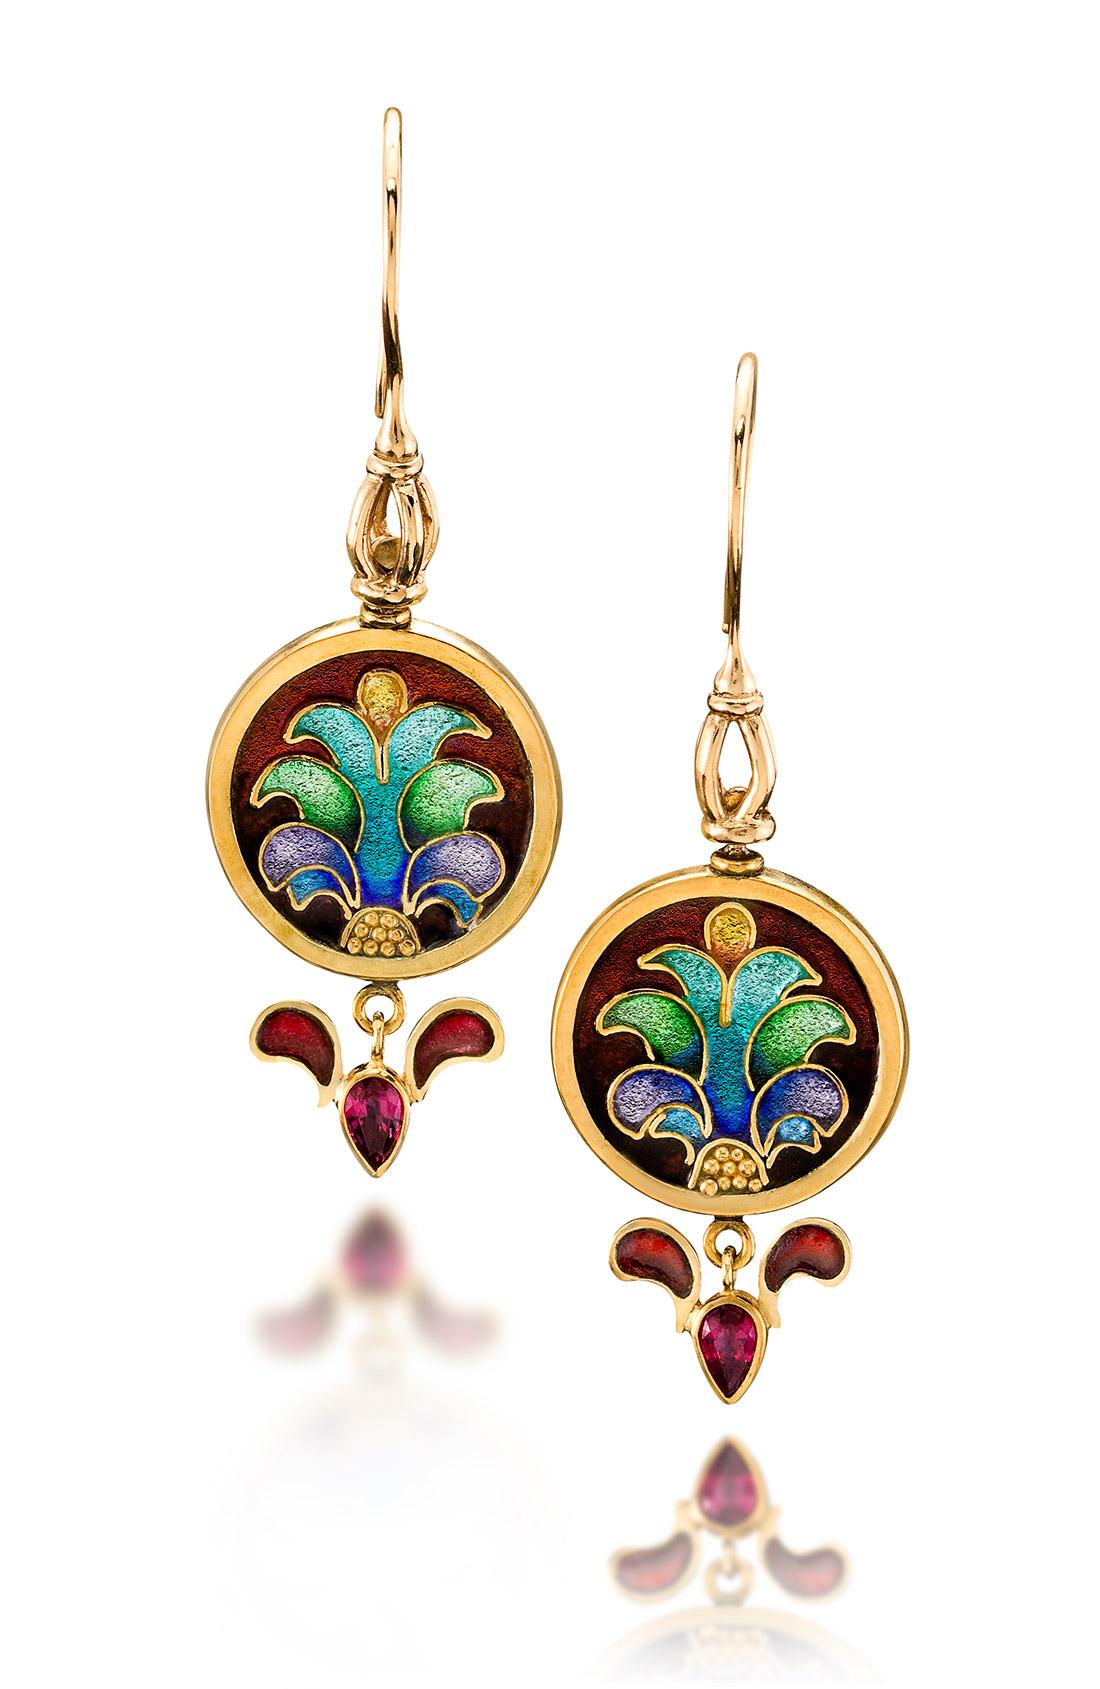 Custom Enamel Earrings | Carnivale 11 | Enamel Jewelry by Patsy Croft